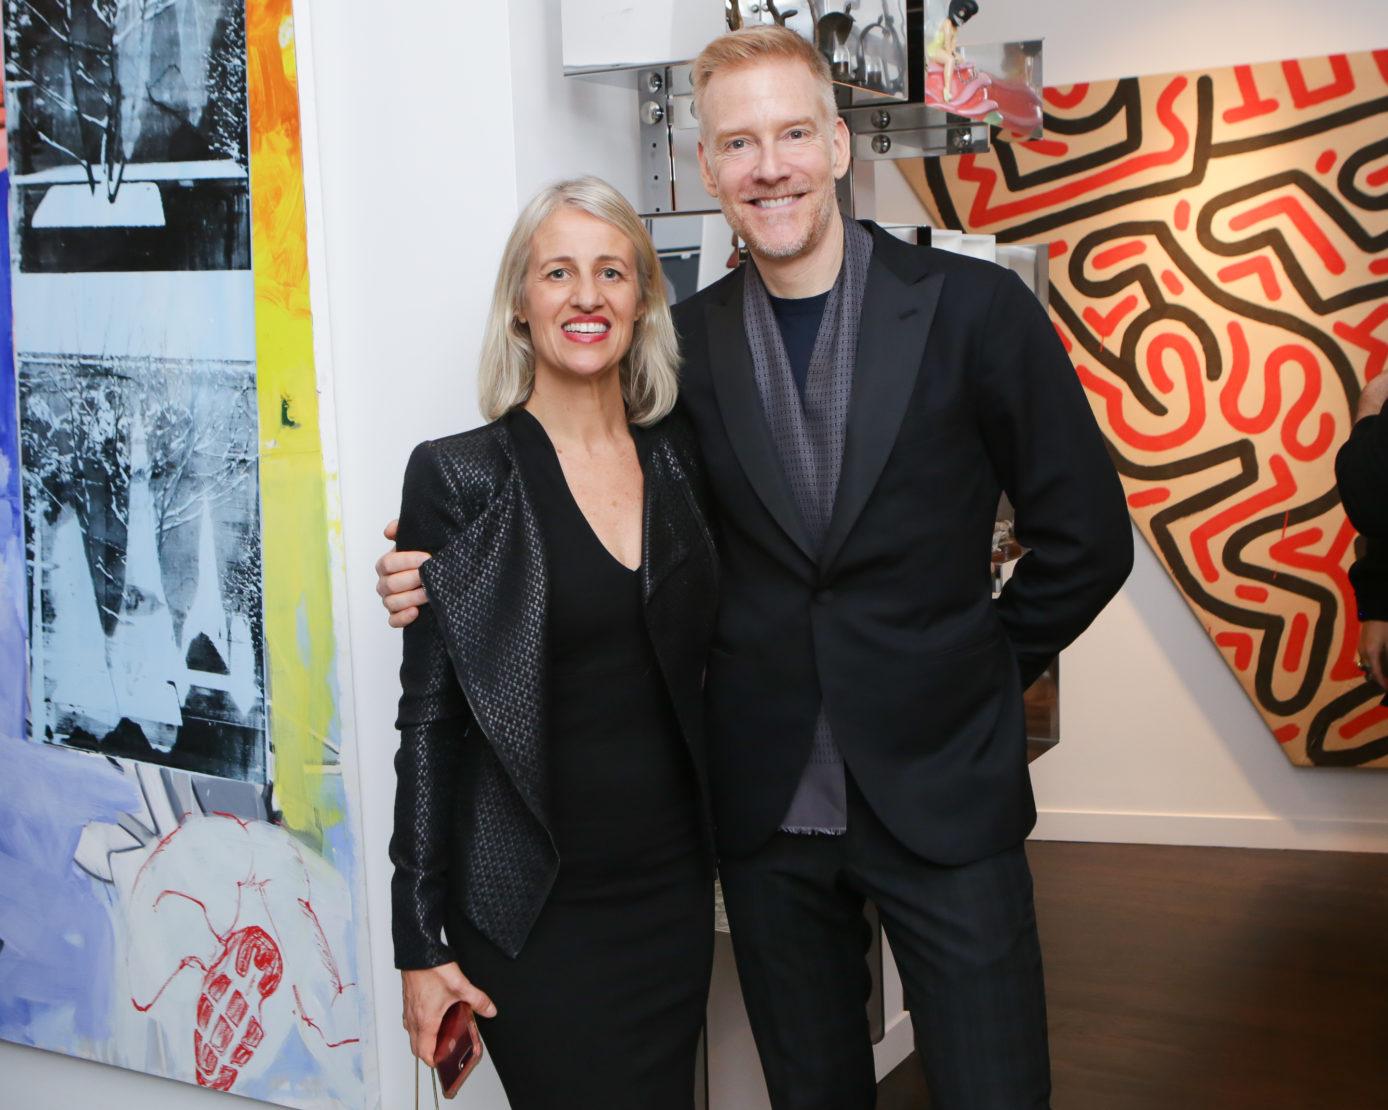 Amelia Dalgaard and Robert Row